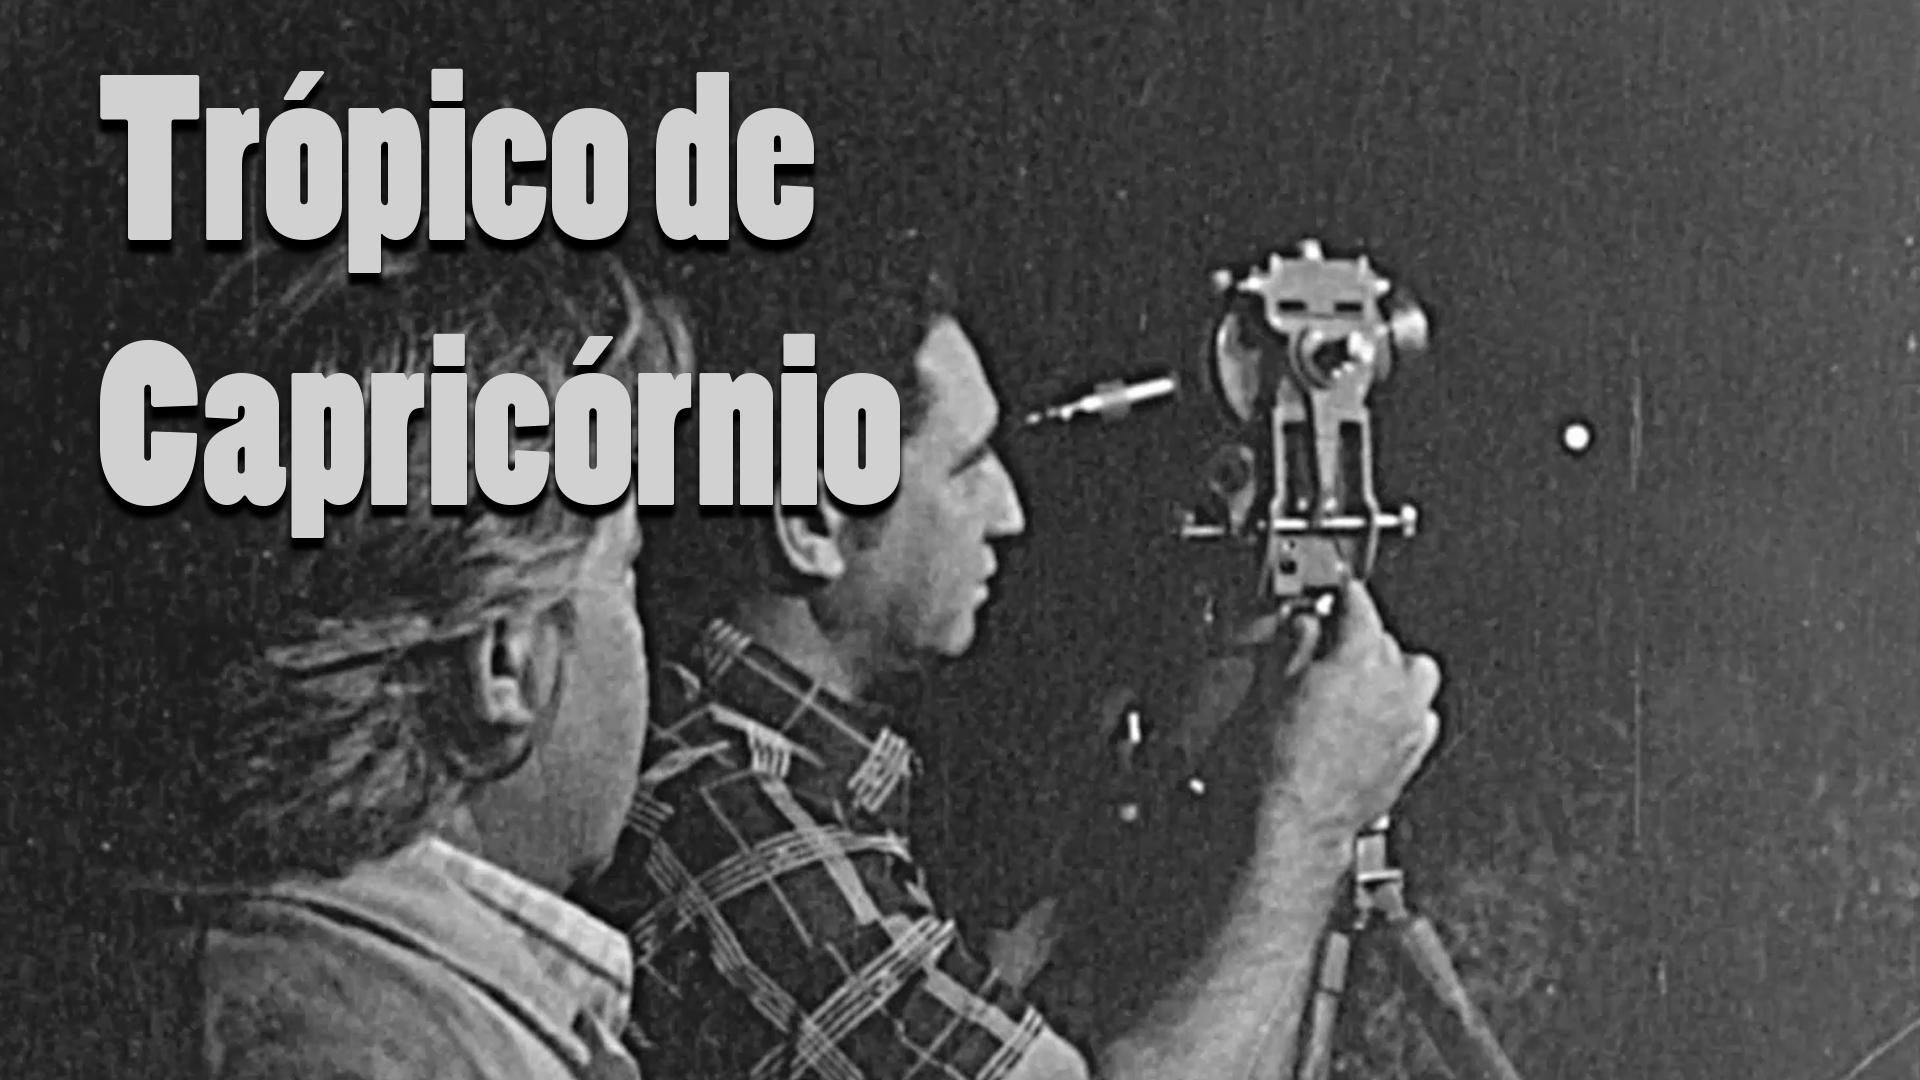 RARIDADE - Demarcação do Trópico de Capricórnio - Anos 1970